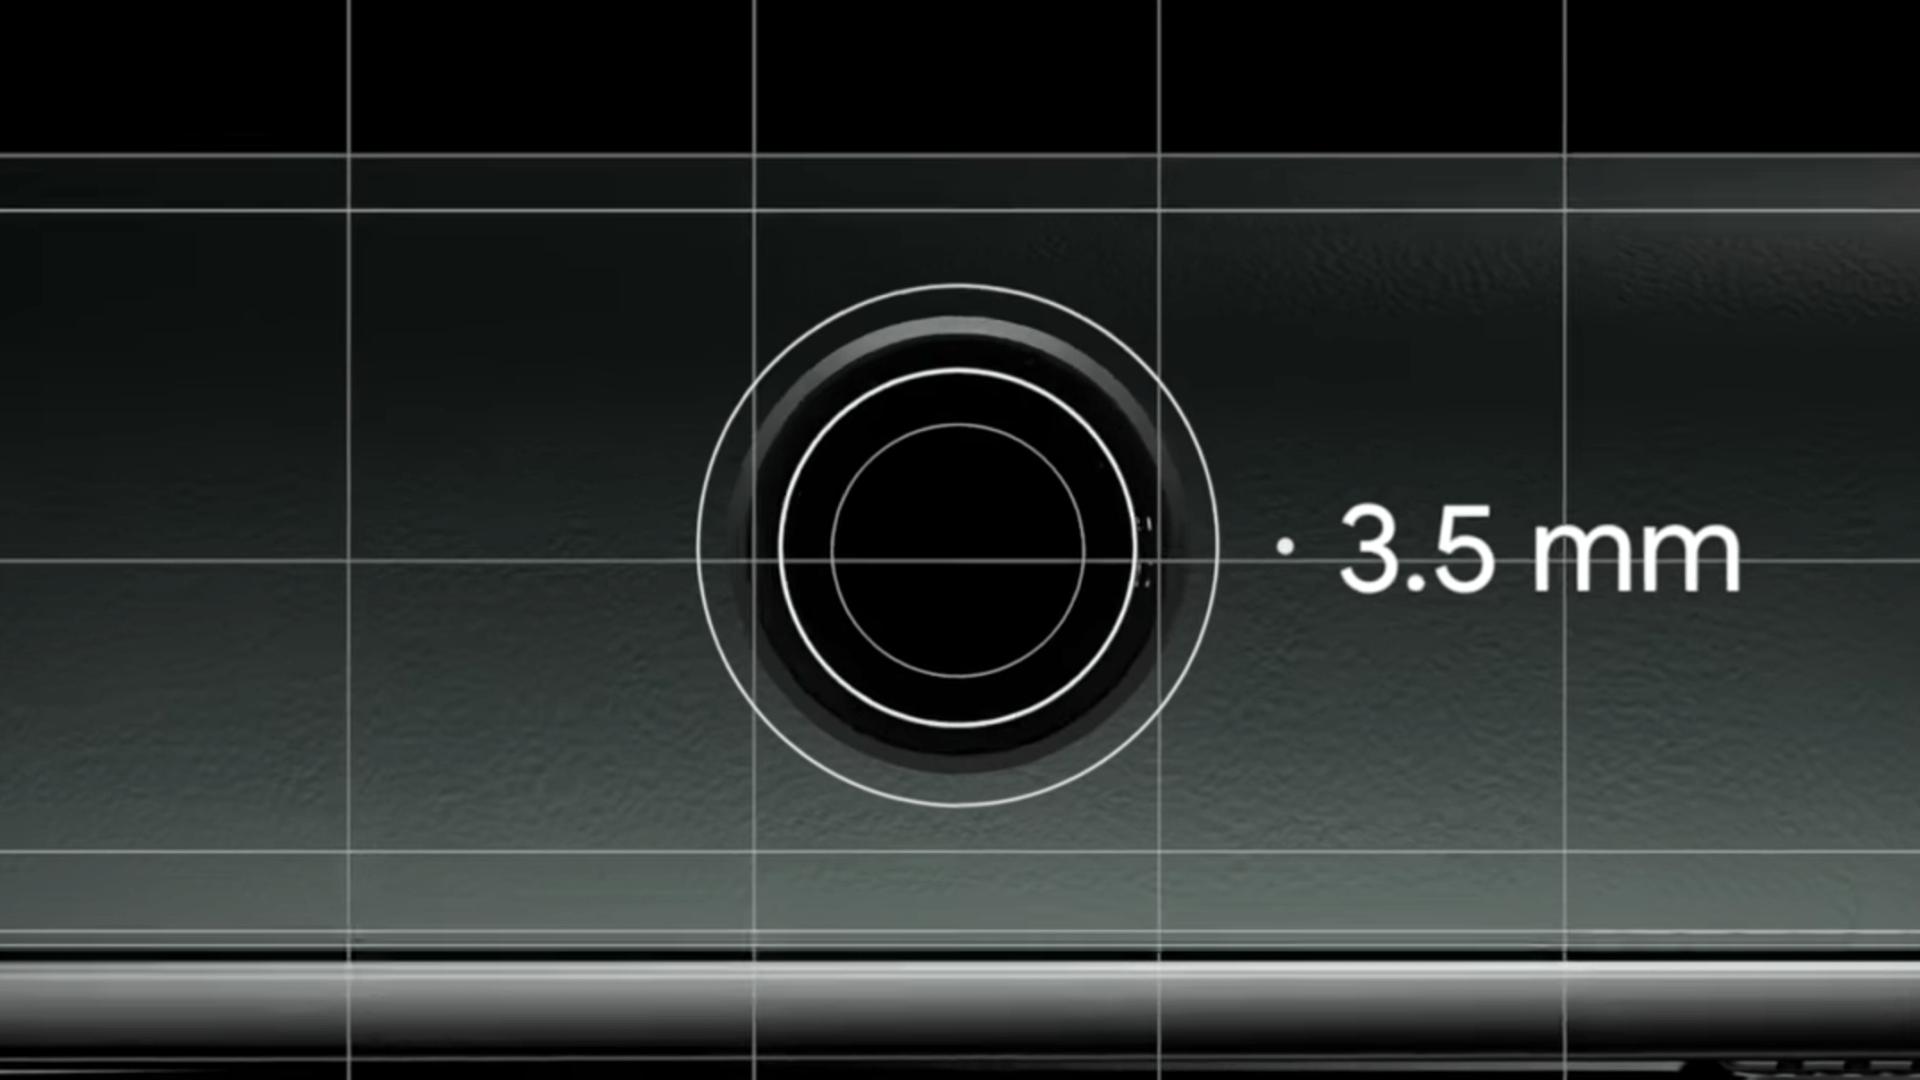 Google Pixel 5a, 3.5mm, Kopfhörer-Buchse, Circle